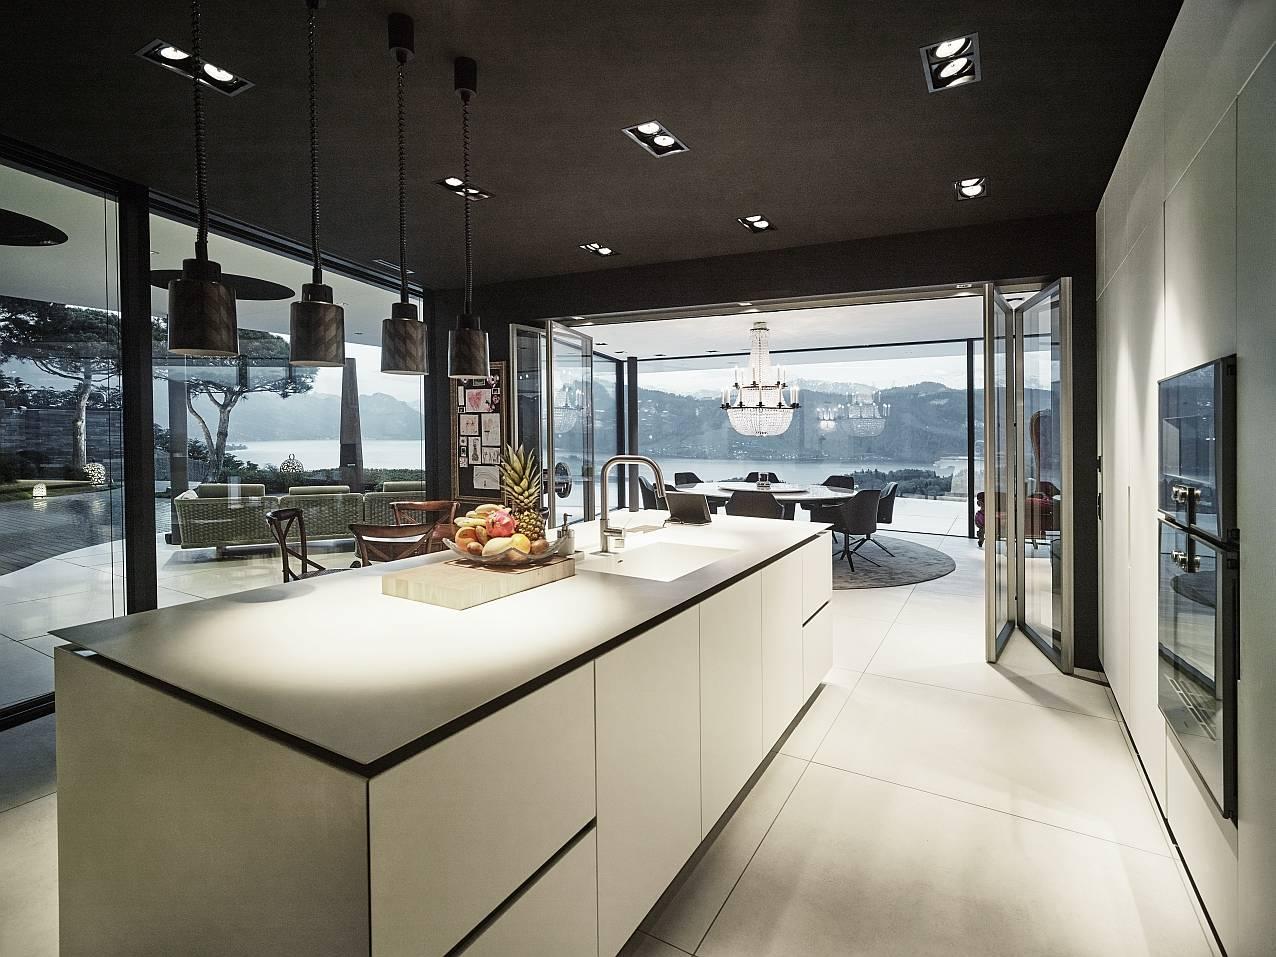 Design e decor per la cucina boffi a lucerna ambiente cucina for Cucine boffi con isola